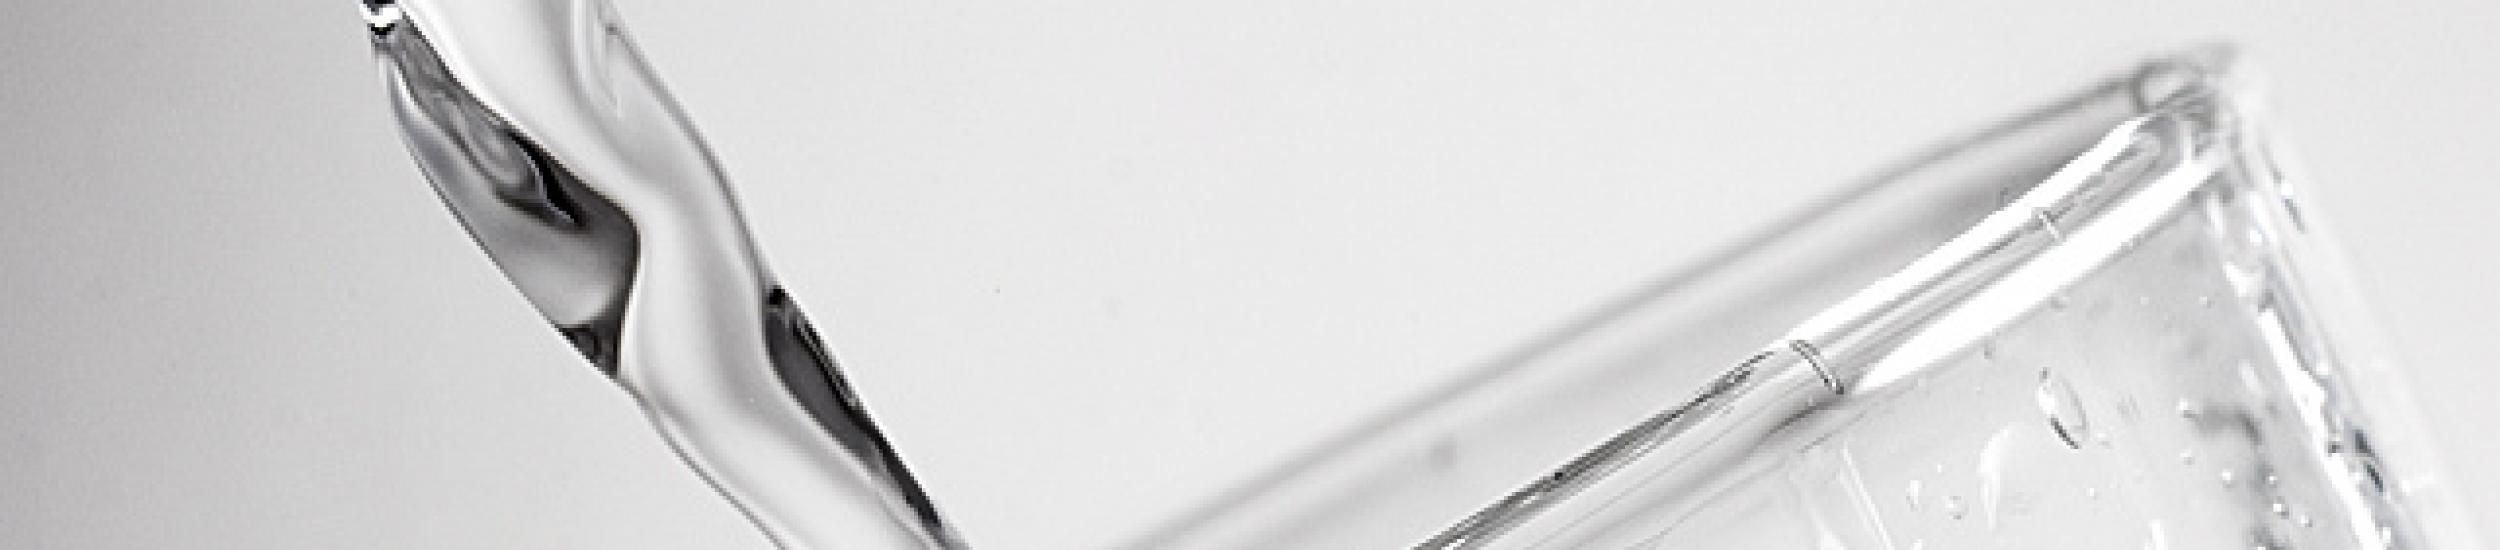 News: Reminder: domani 12 gennaio conferenza stampa di pignone sui depuratori